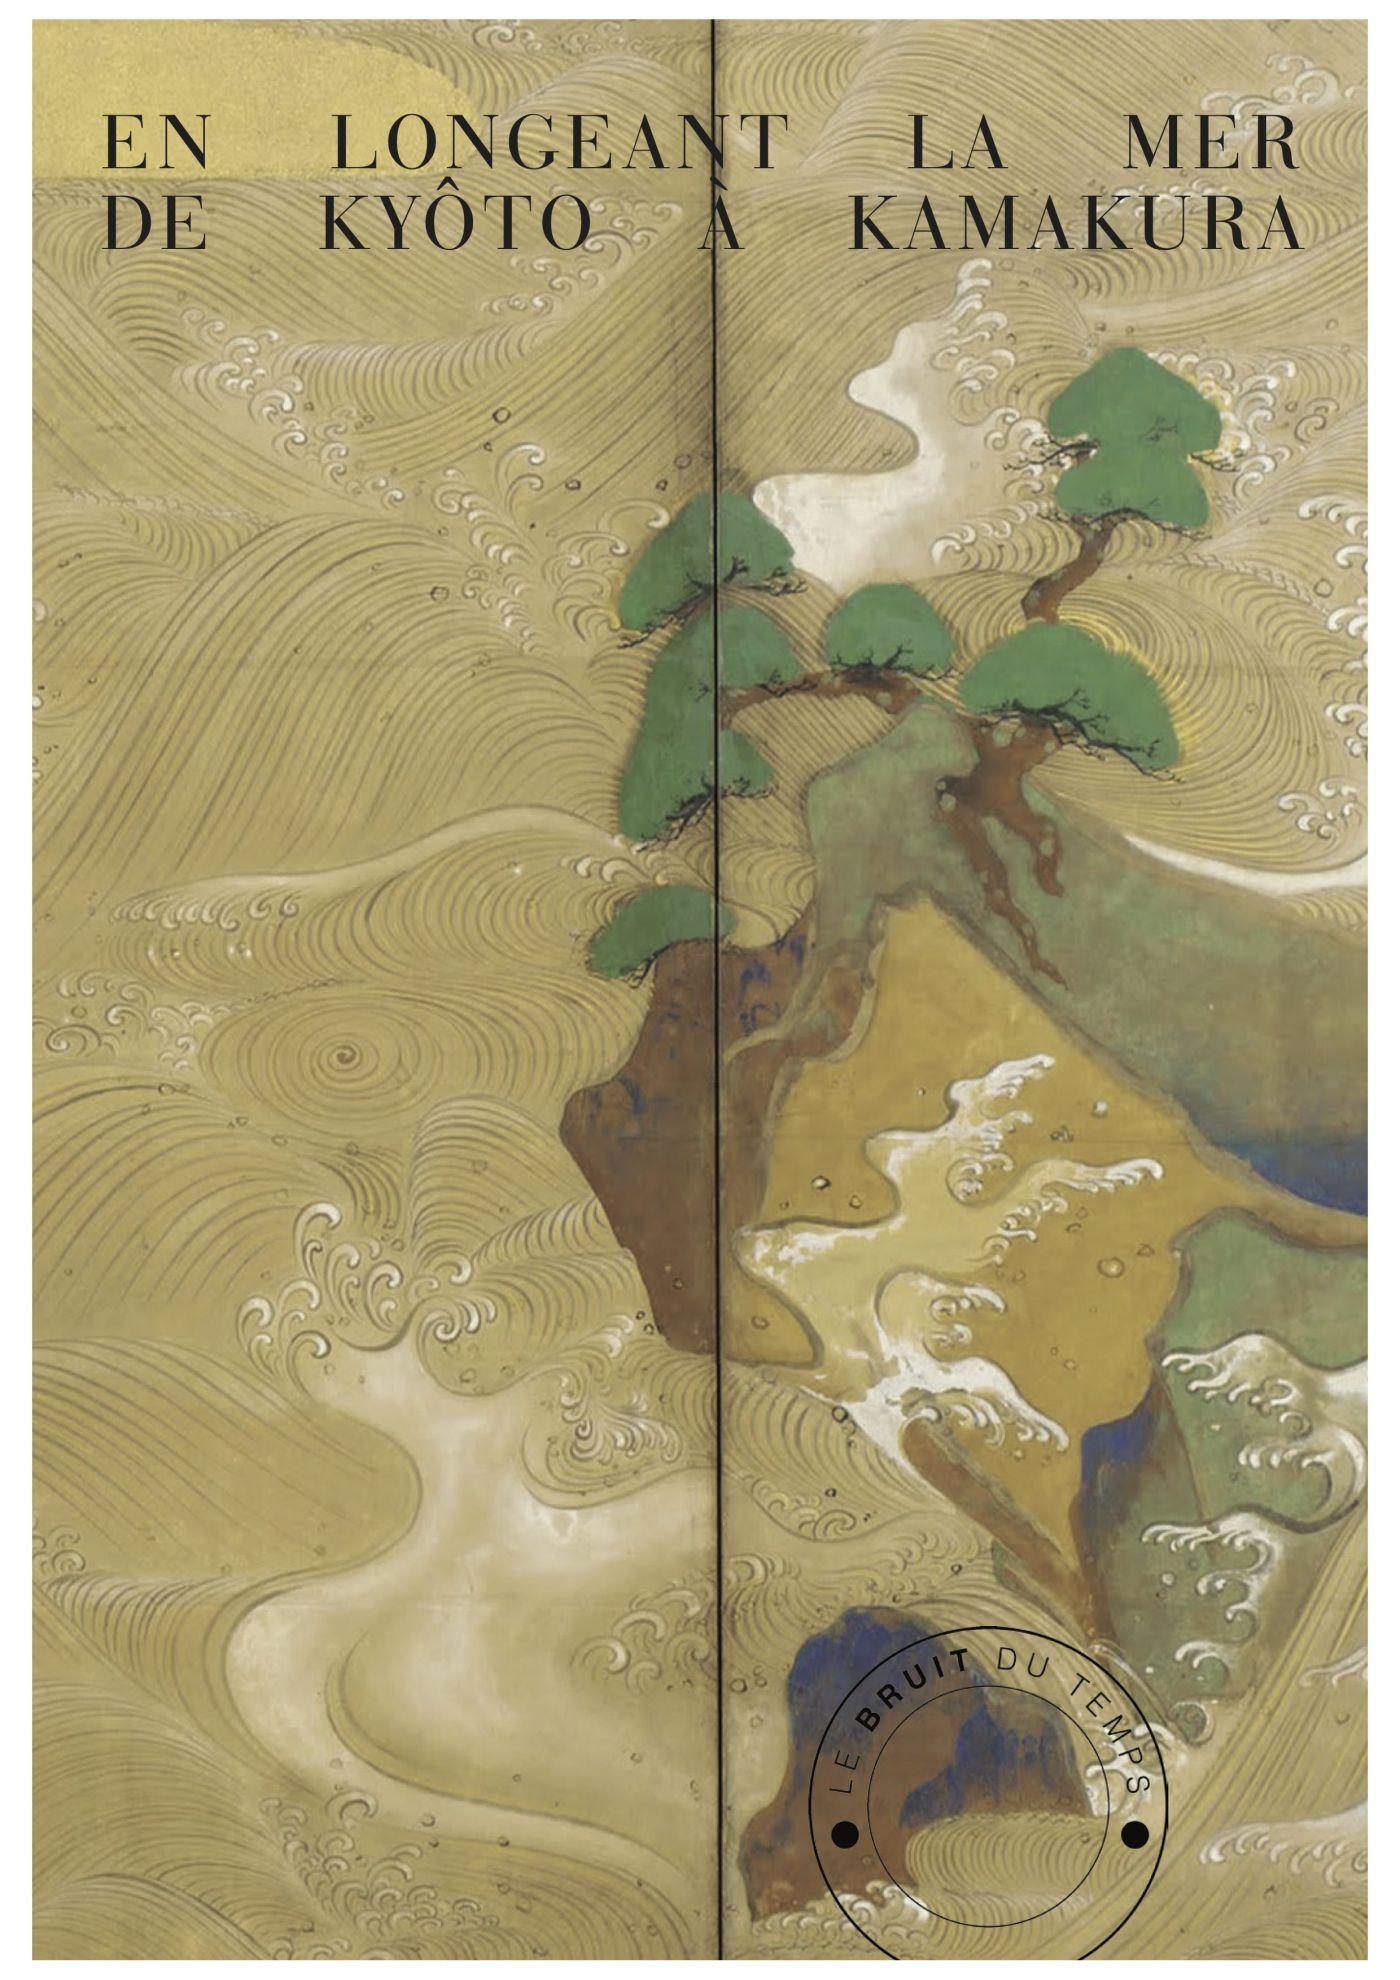 Anonyme japonais du XIIIe siècle, En longeant la mer de Kyôto à Kamara